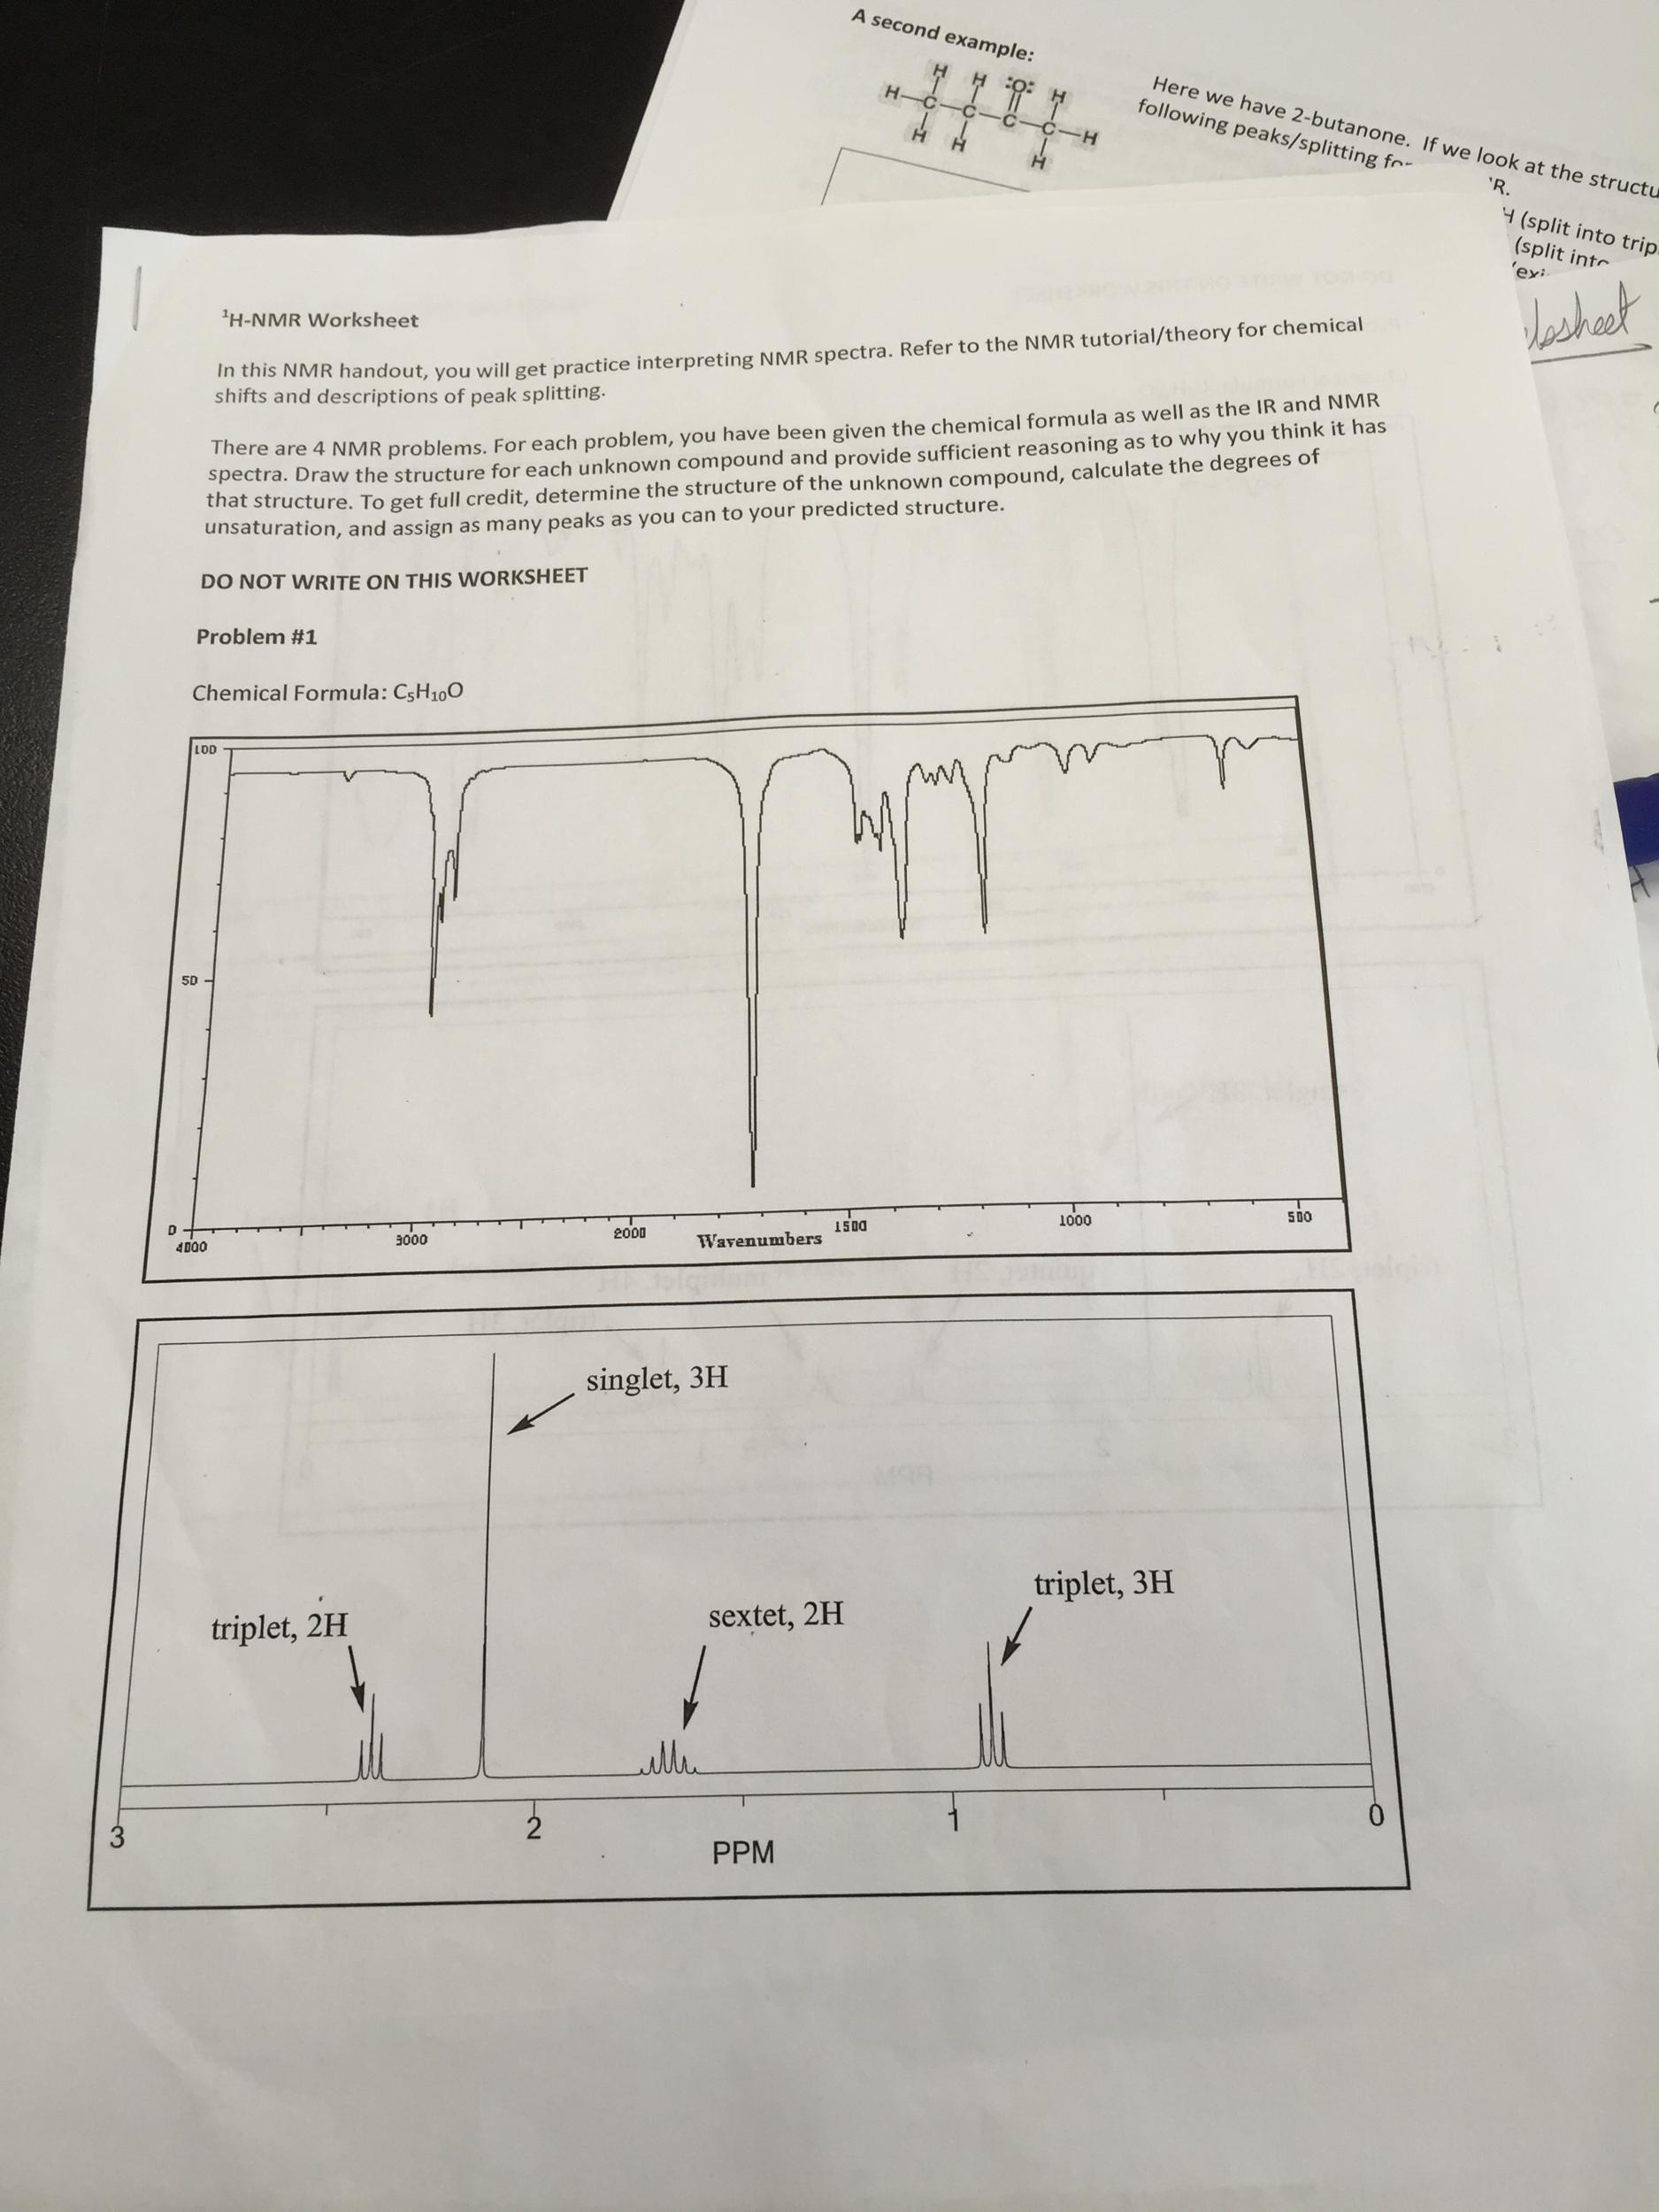 H-NMR Worksheet: Problem 1: Chemical Formula Is C5... | Chegg.com